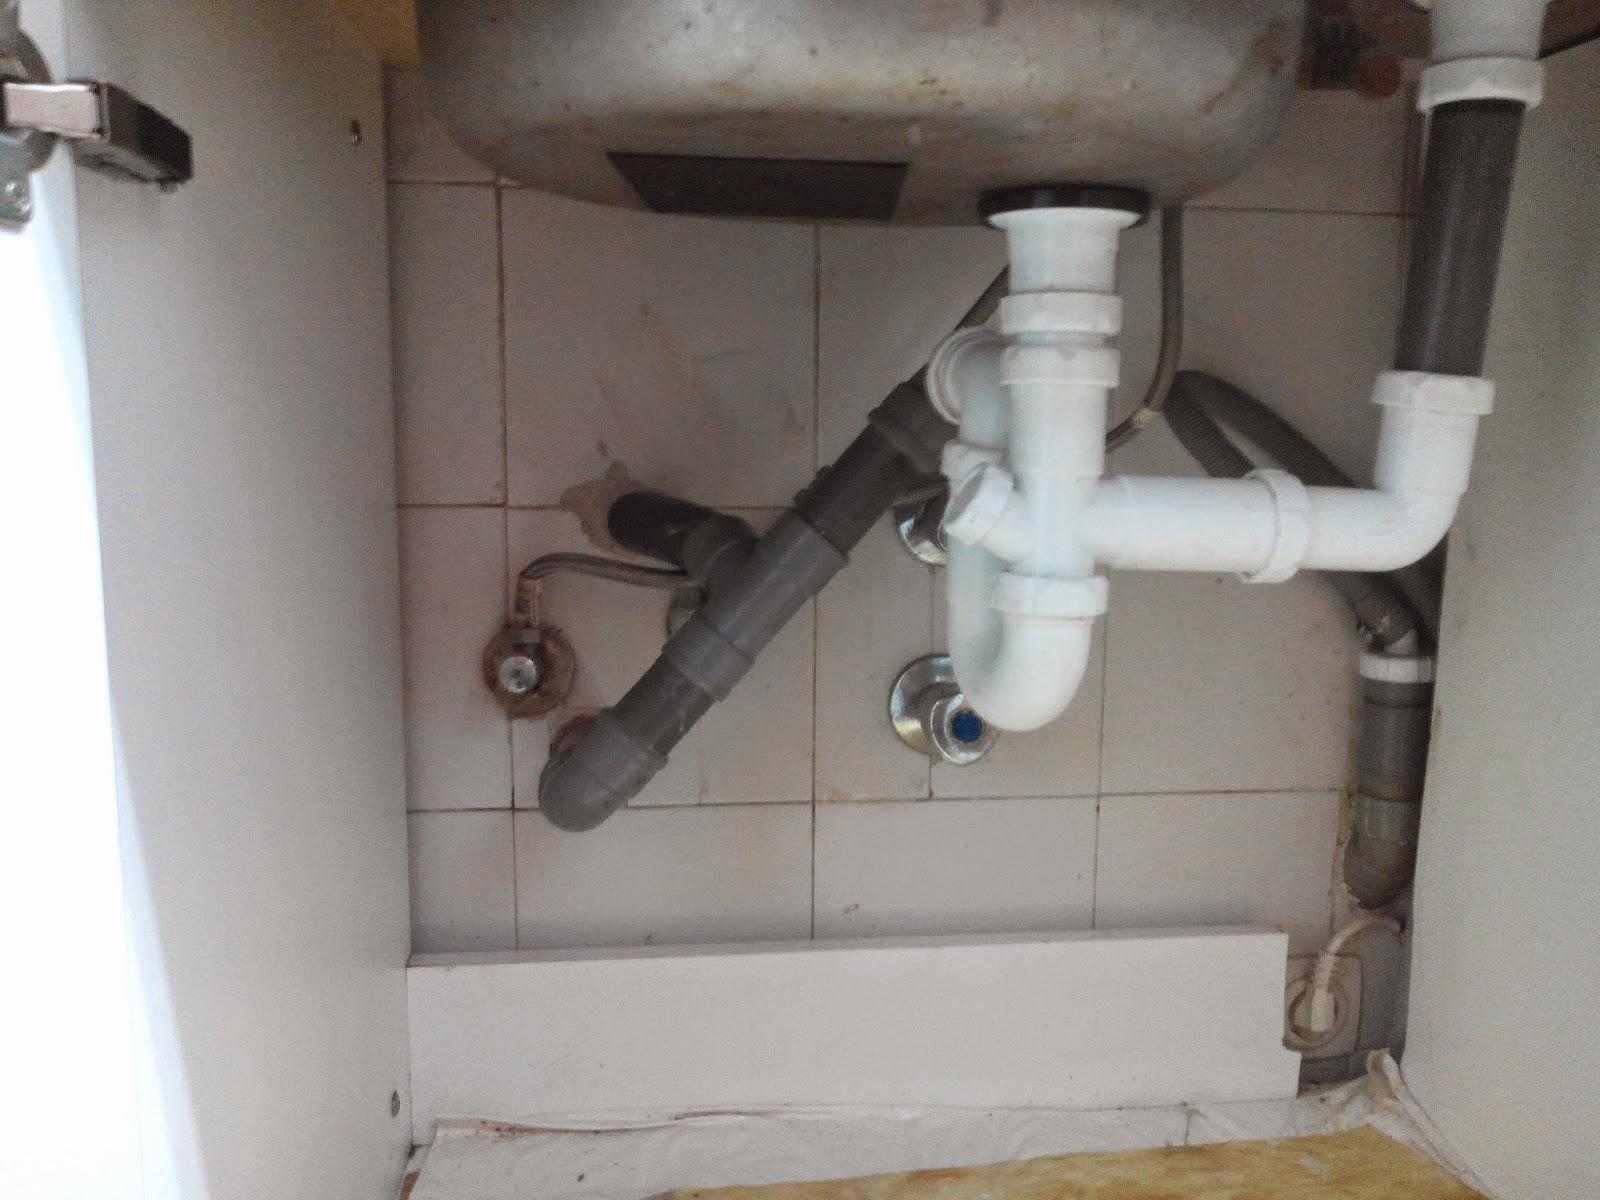 Trabajos y Reparaciones de Fontaneria en viviendas de León como Soluciónamos los Desatascos de Tuberias para los Fregaderos. Información en el 618848709 y 987846623 presupuestos.